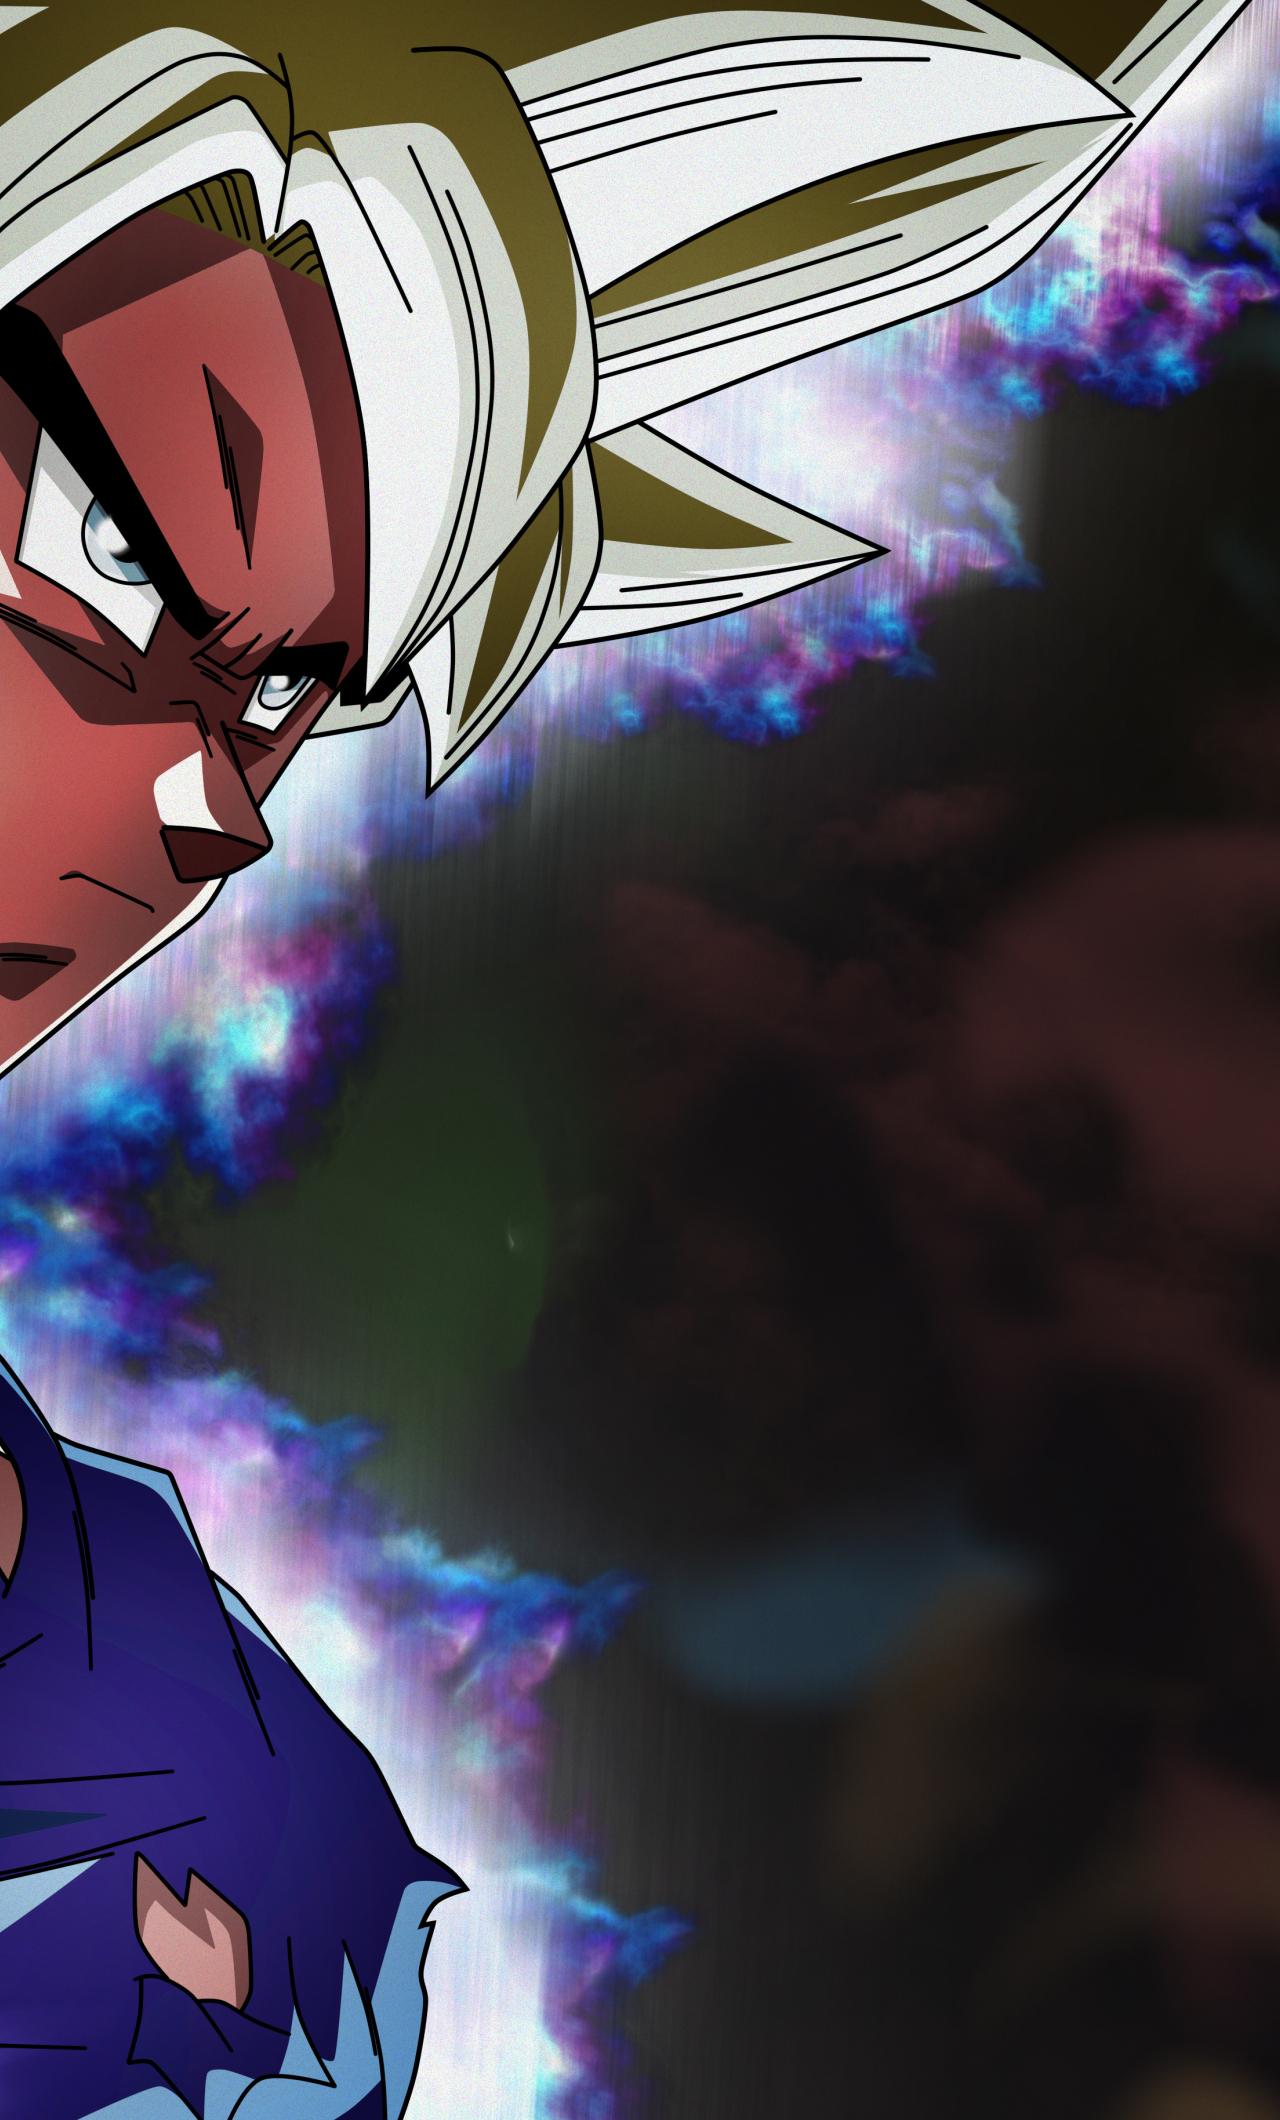 Download Angry Goku Dragon Ball Super 2560x1440 Resolution ...